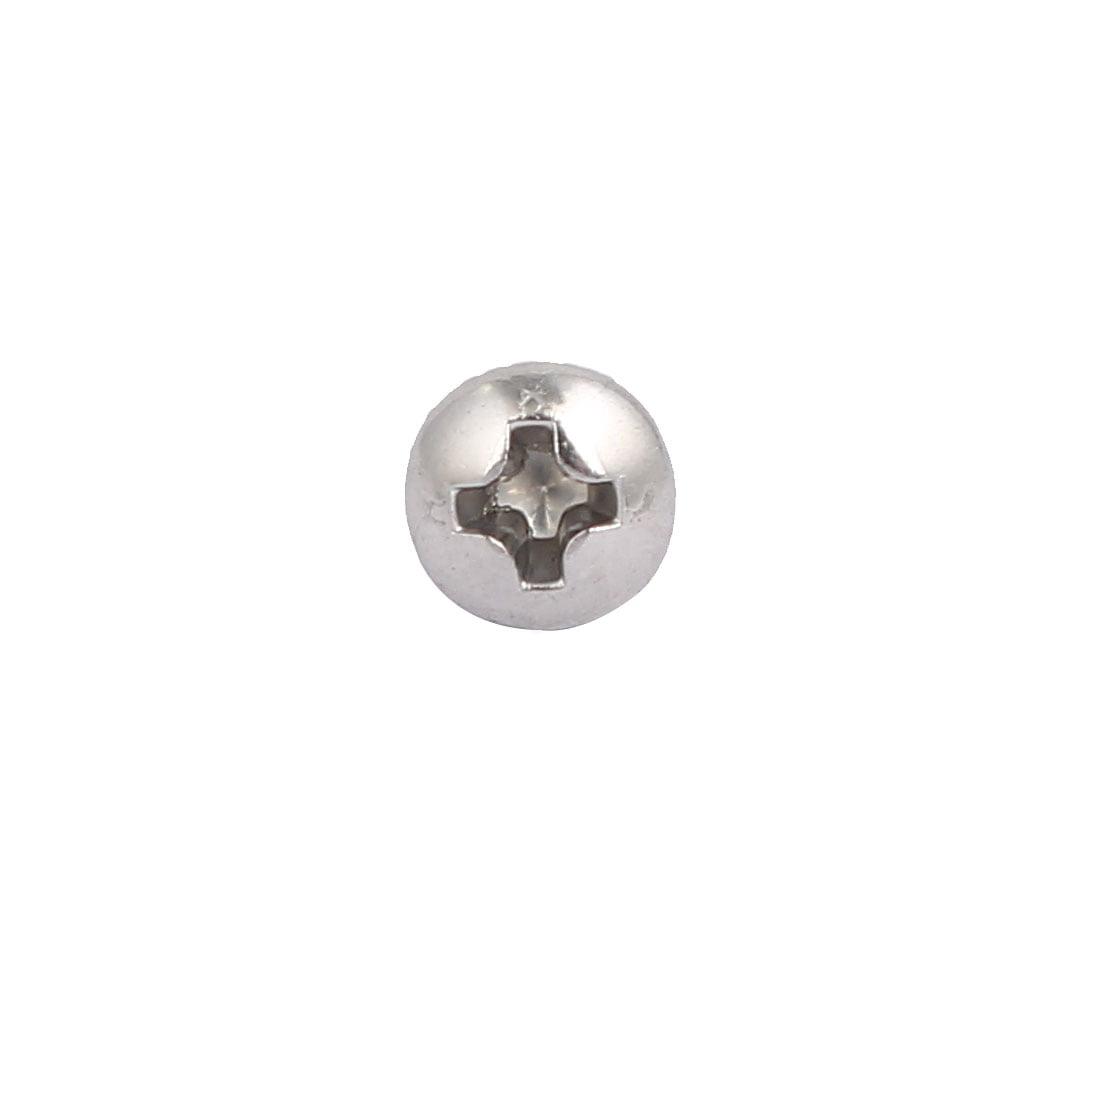 6#-32x1 pouces 304 acier inoxydable Tête Cruciforme vis machine 40Pcs - image 1 de 3